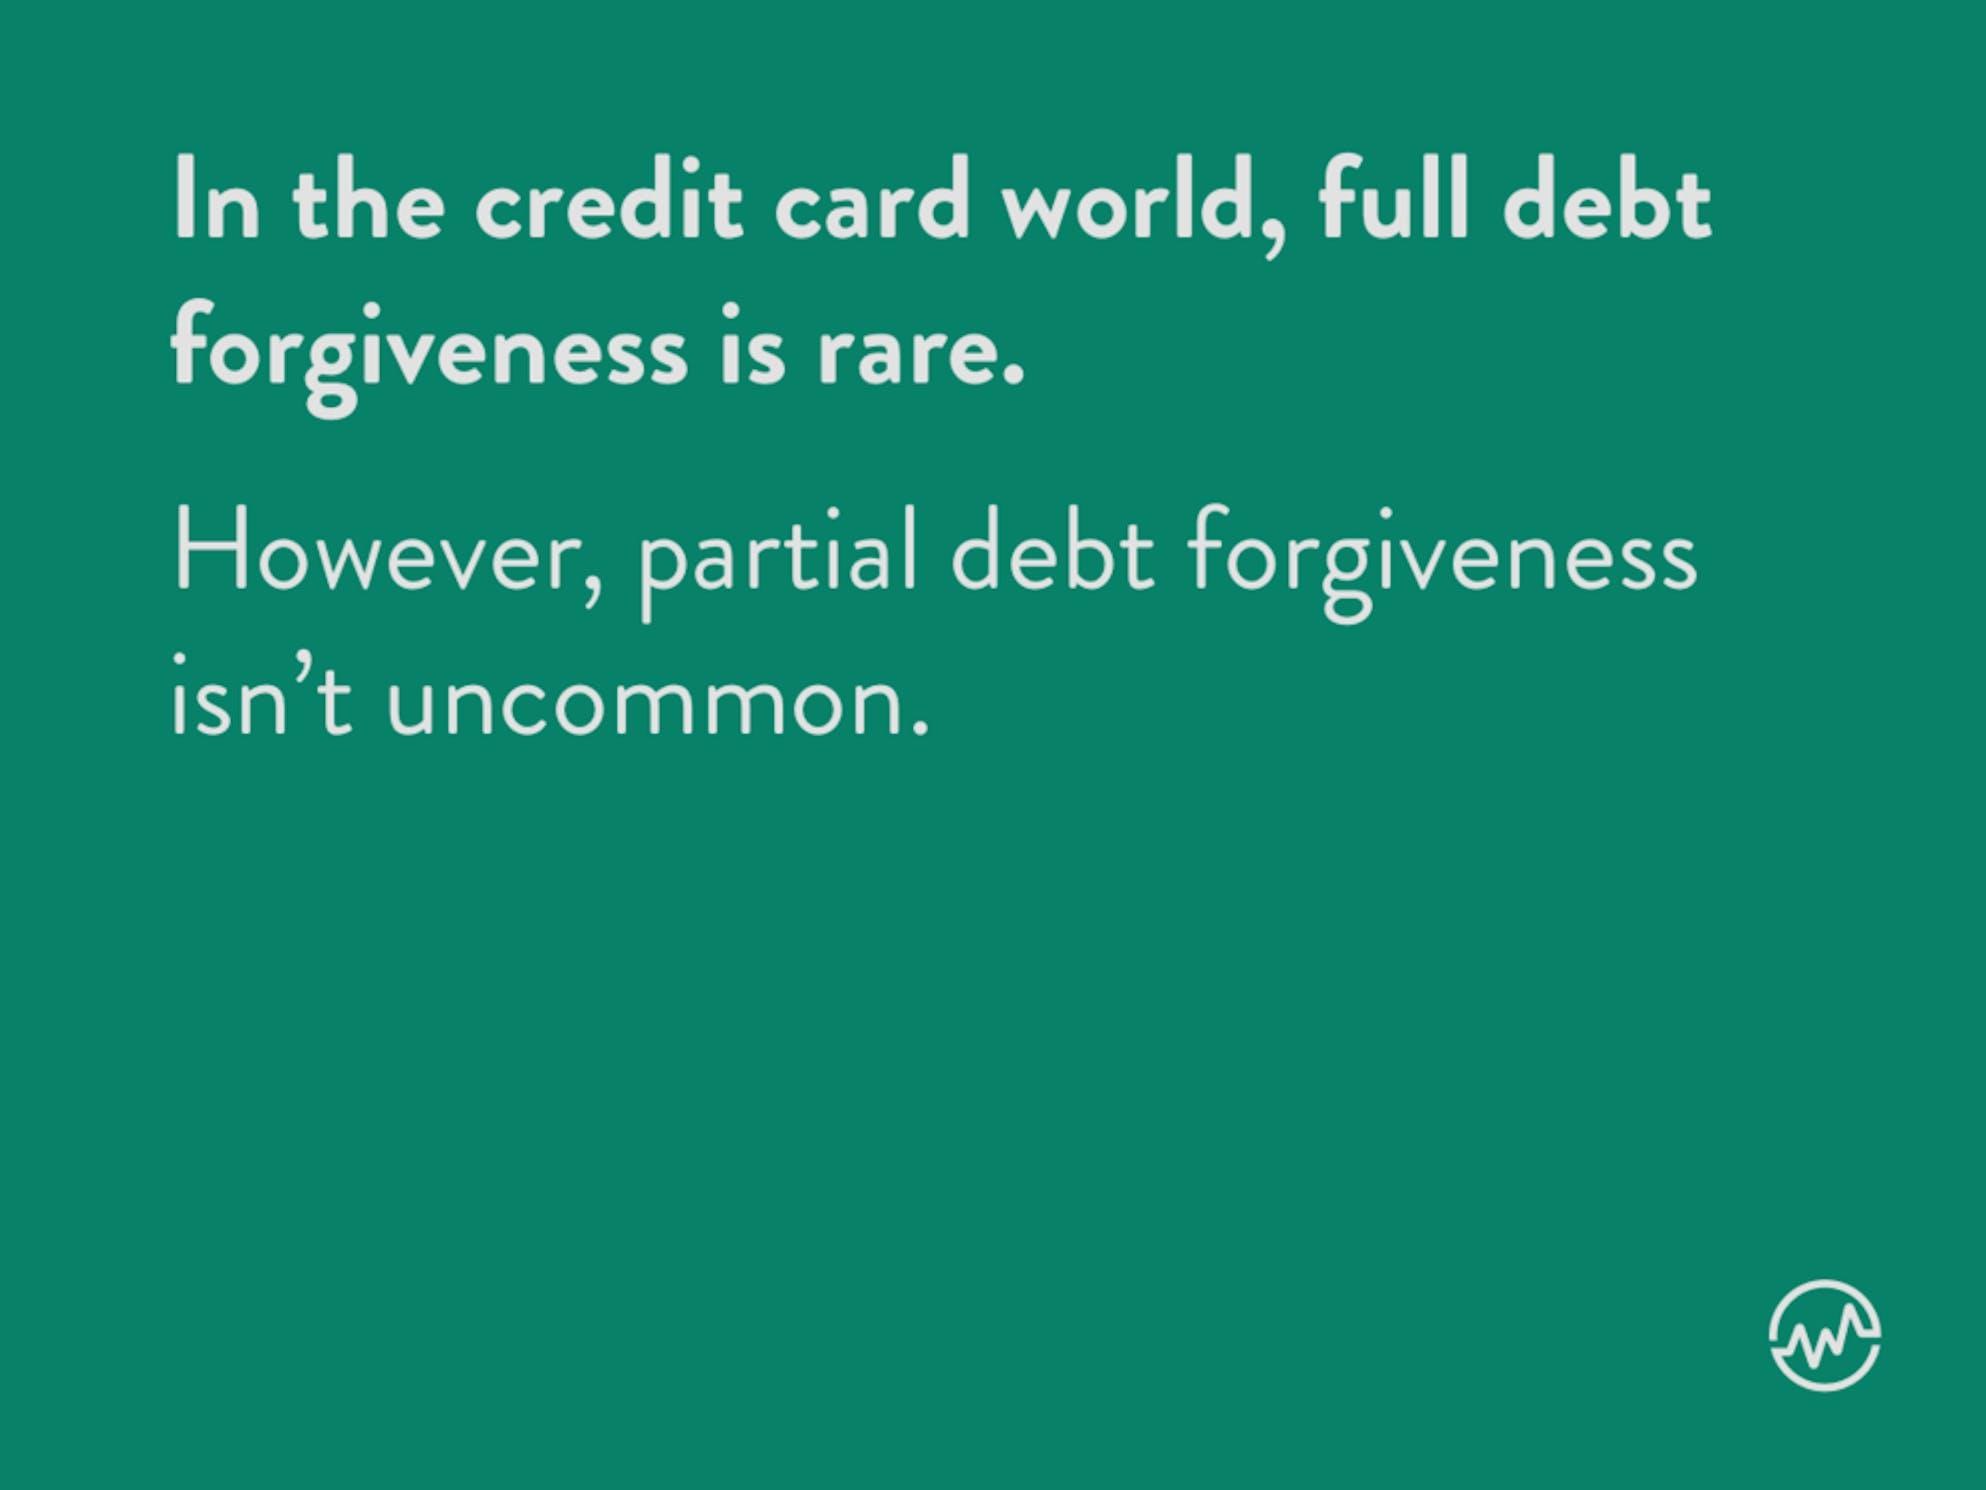 Credit card debt forgiveness